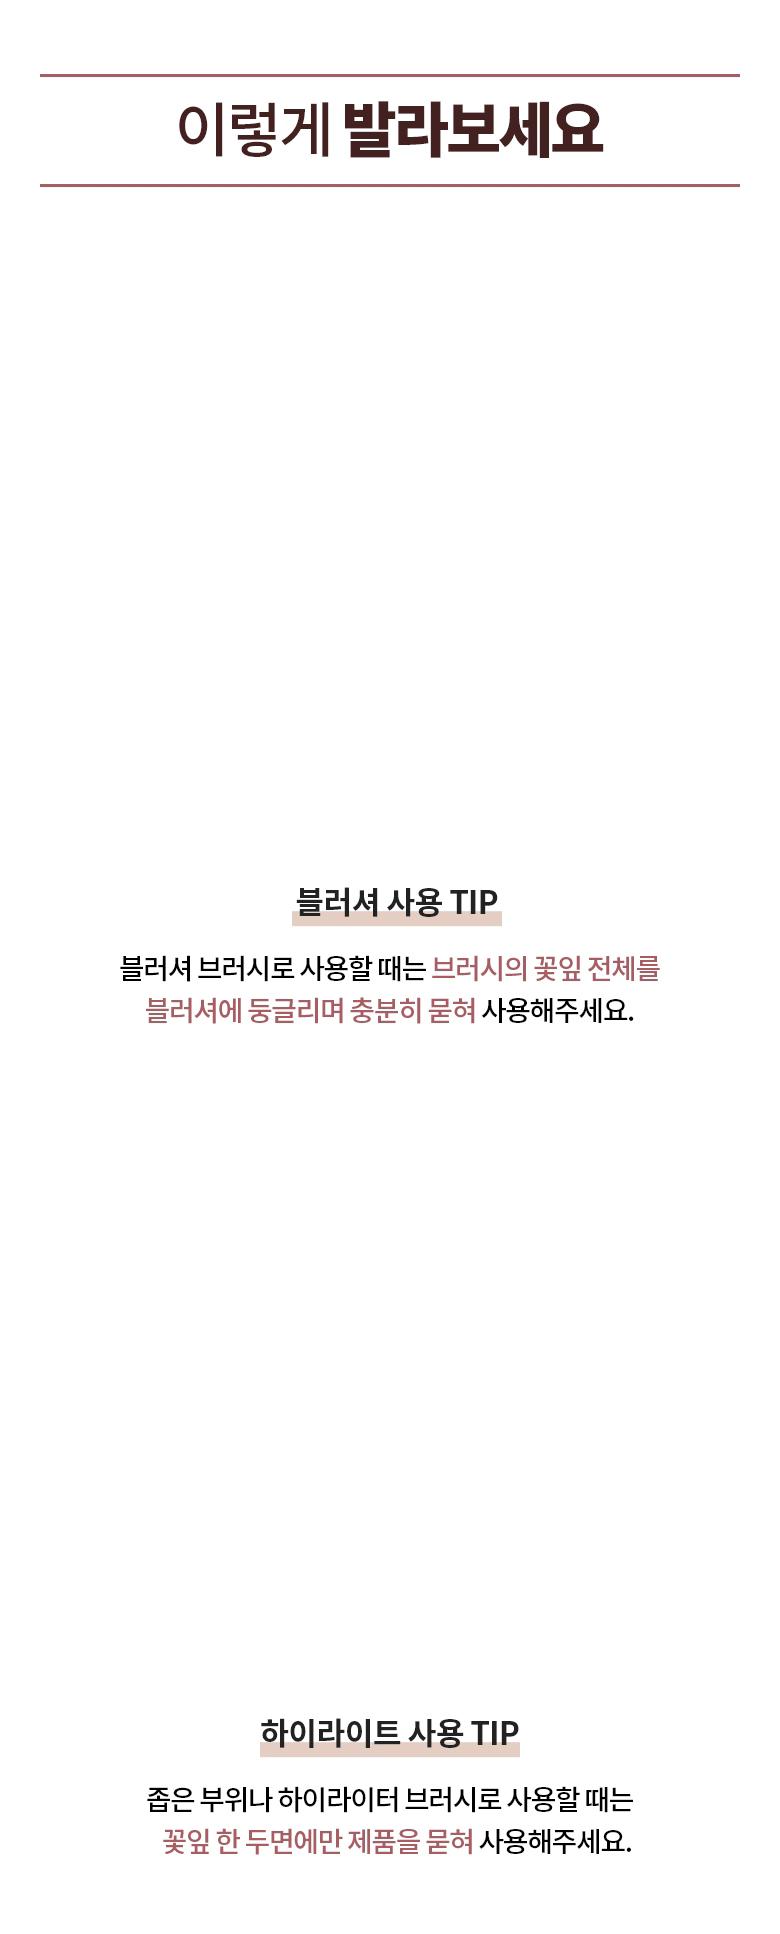 2021 제주컬러피커 동백꽃 에디션 동백 치크 브러쉬